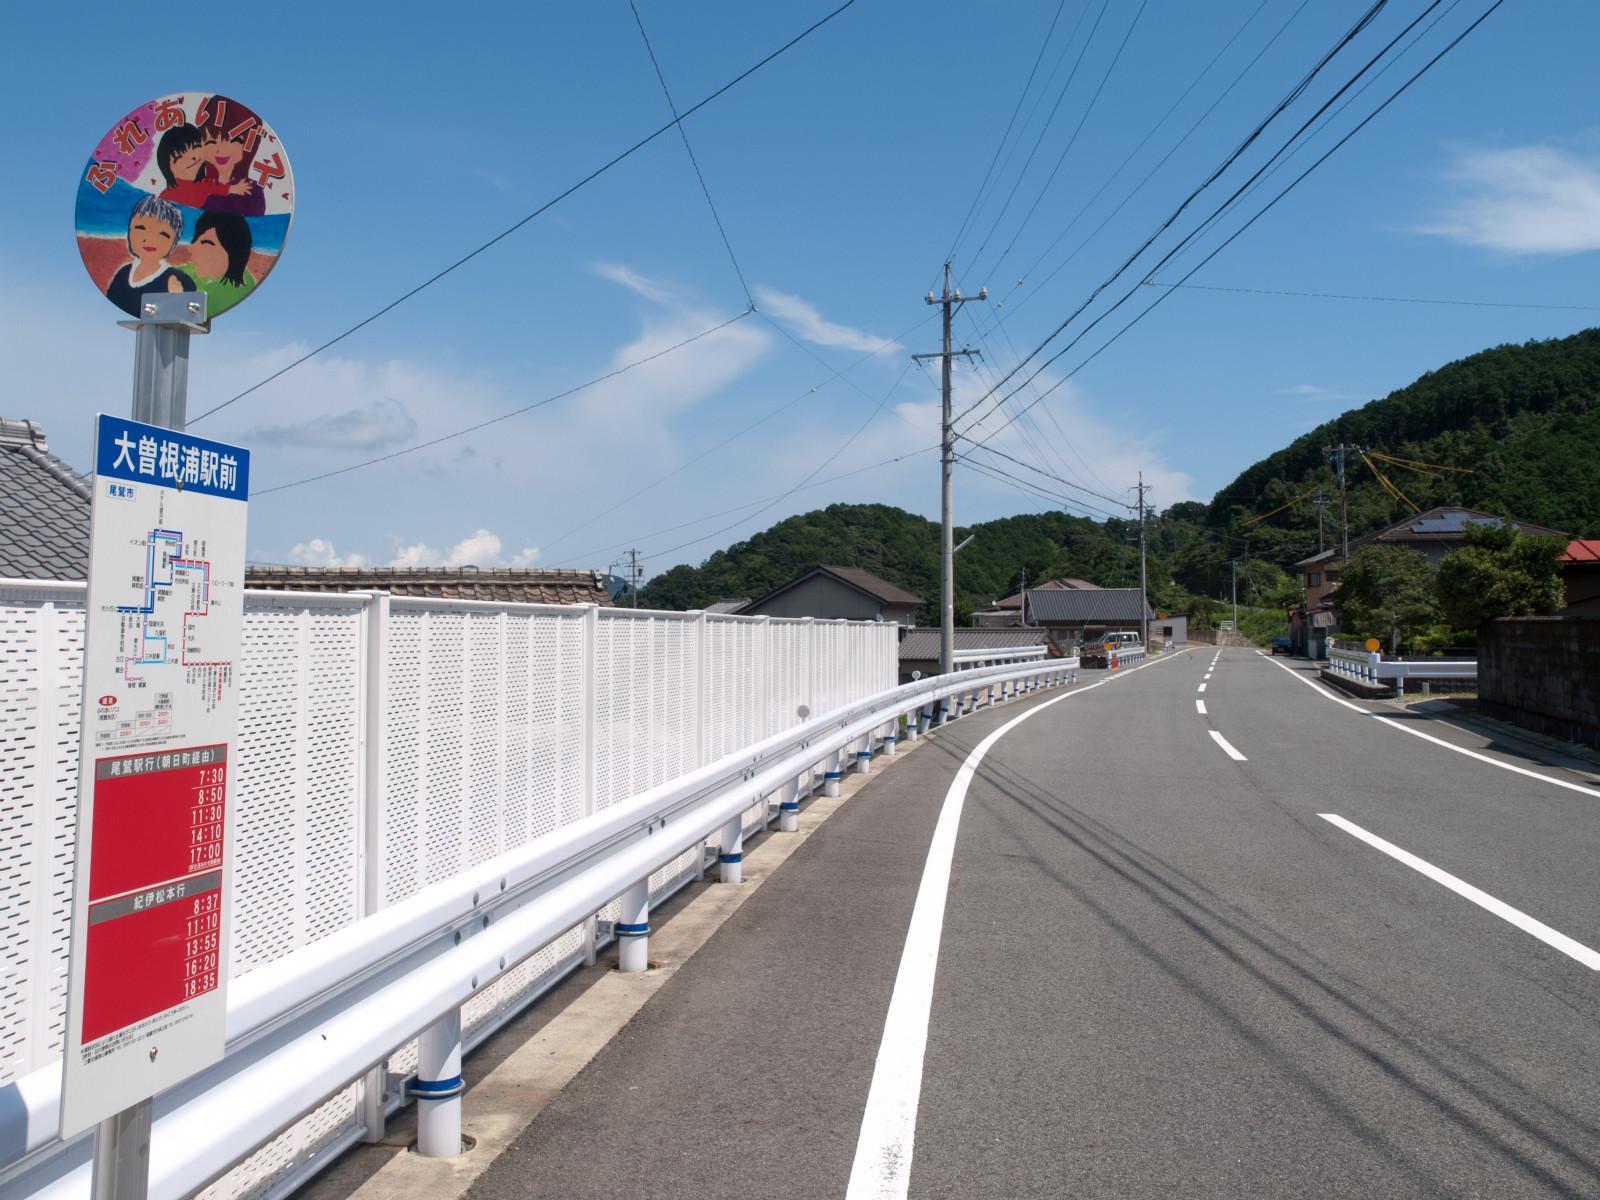 大曽根浦駅周辺